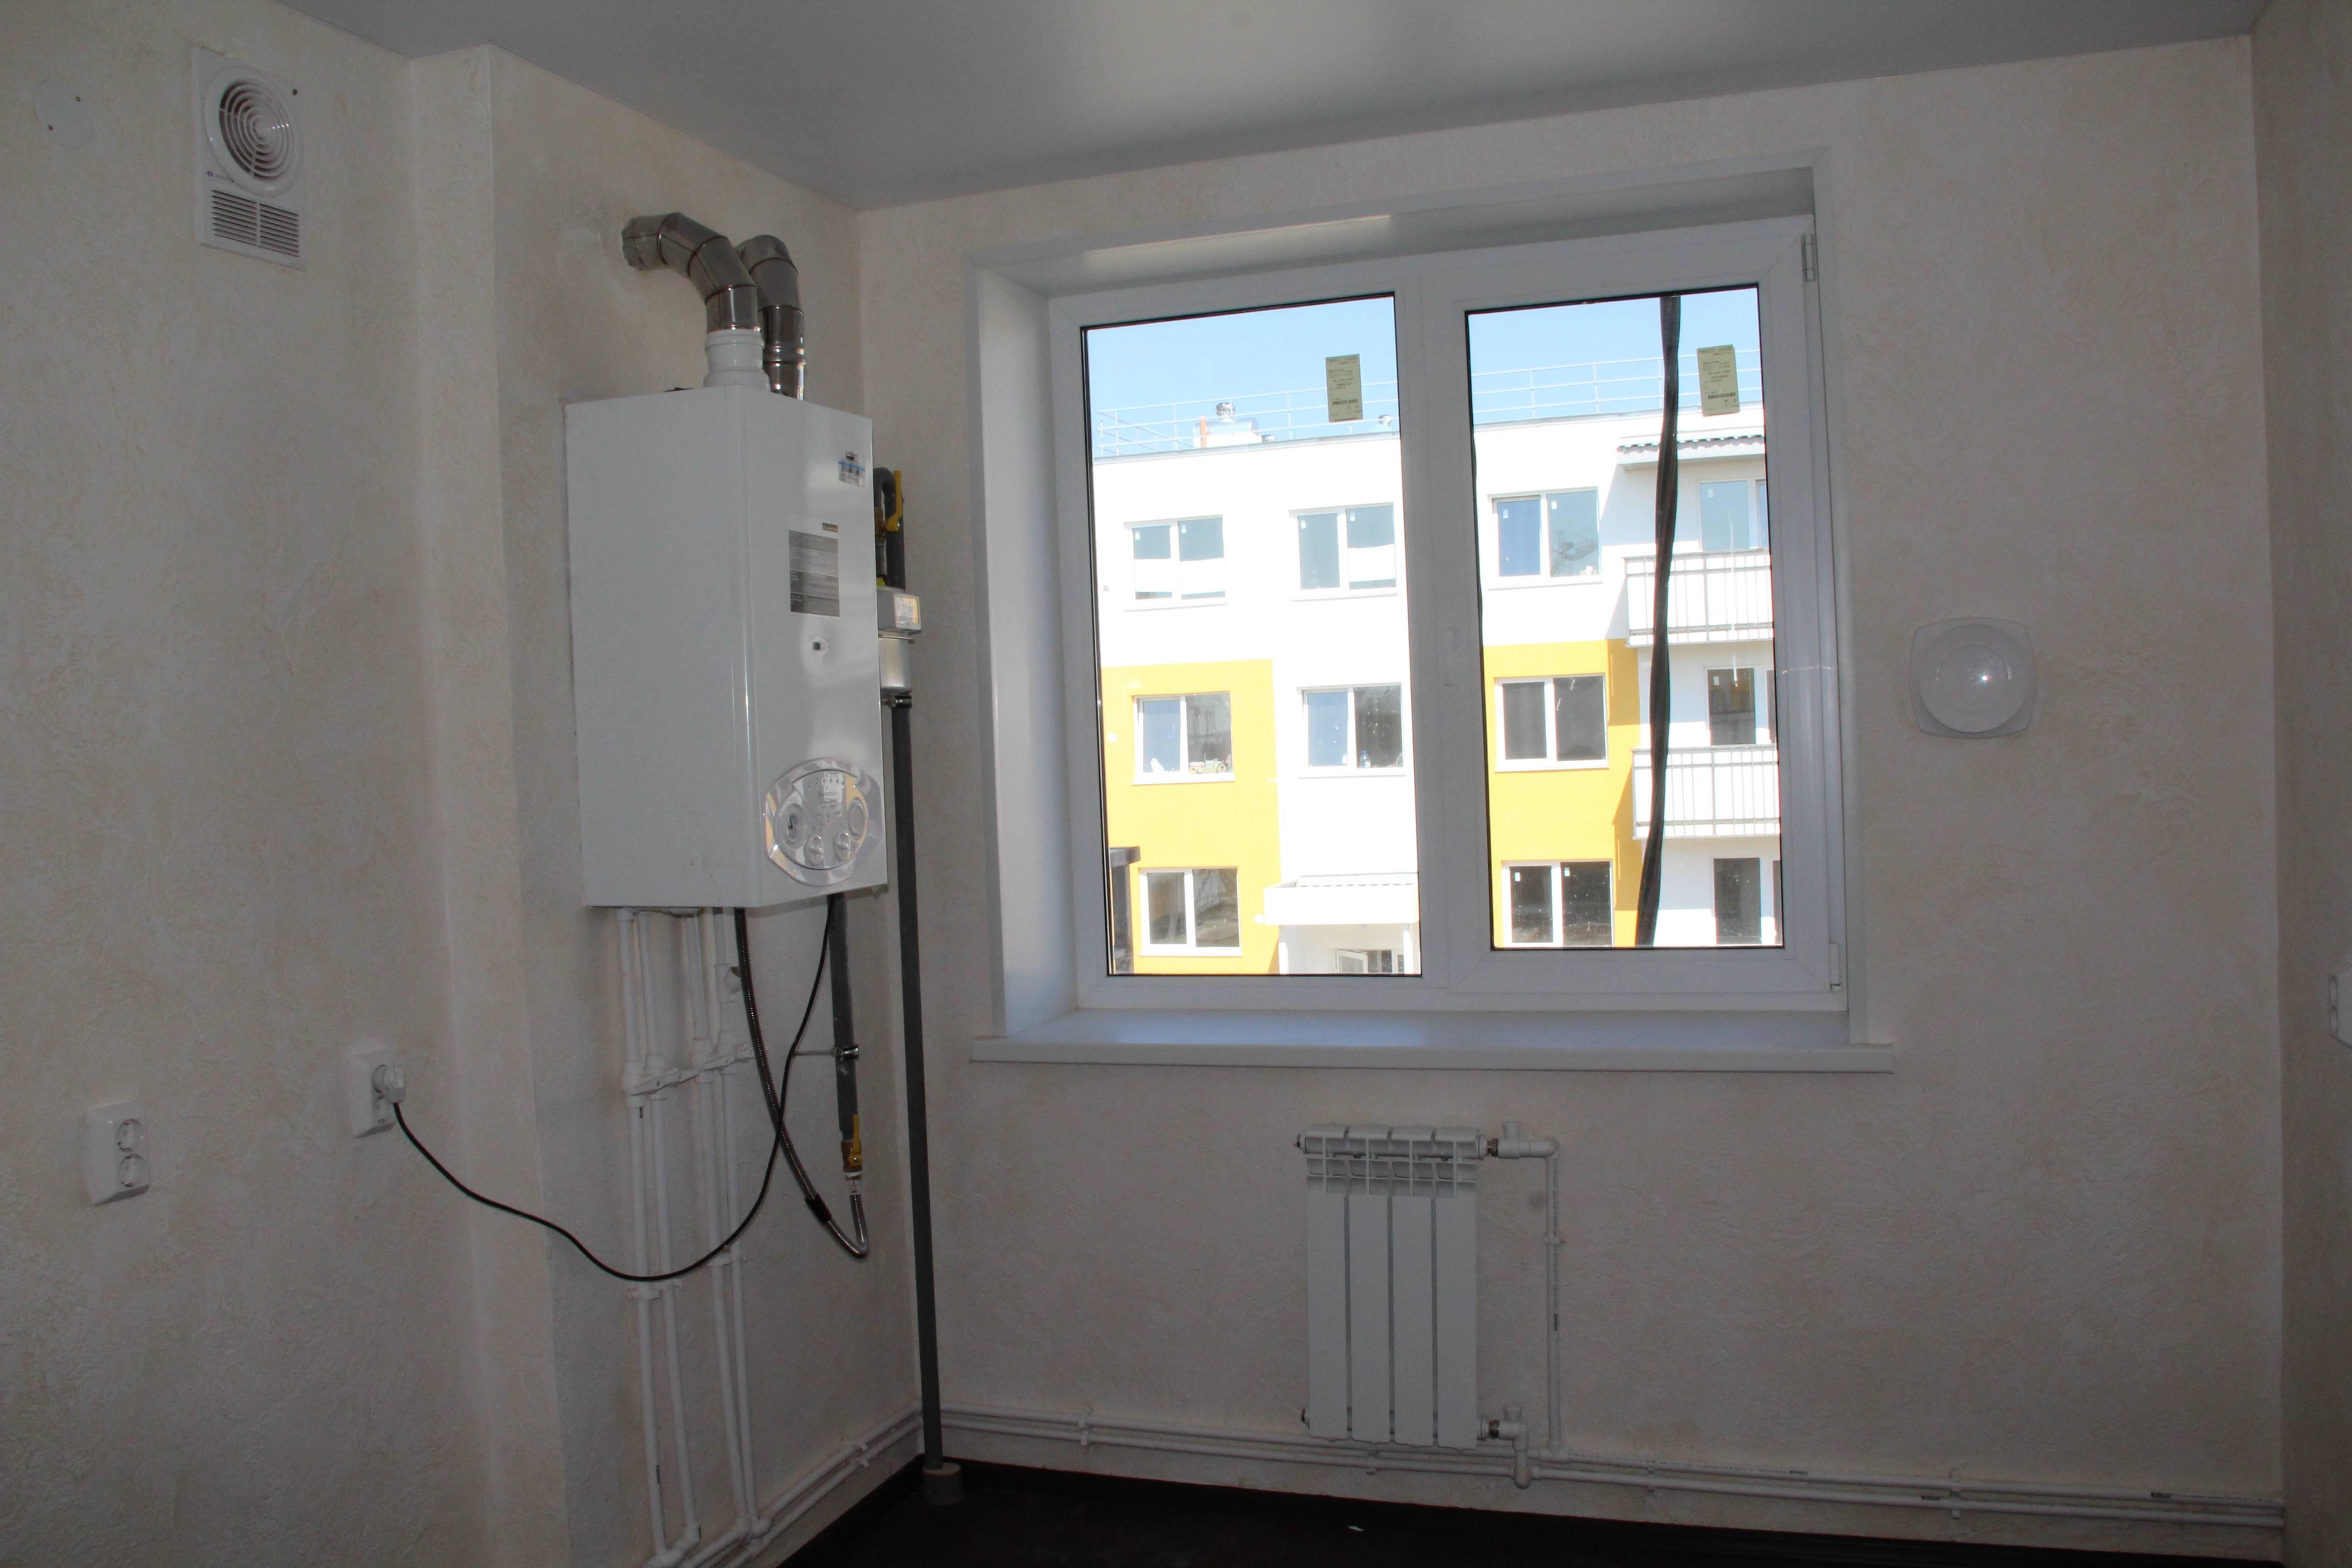 Индивидуальное отопление в многоквартирном доме - законодательство 2021 г. как можно отказаться от центрального теплоснабжение и подключить автономное